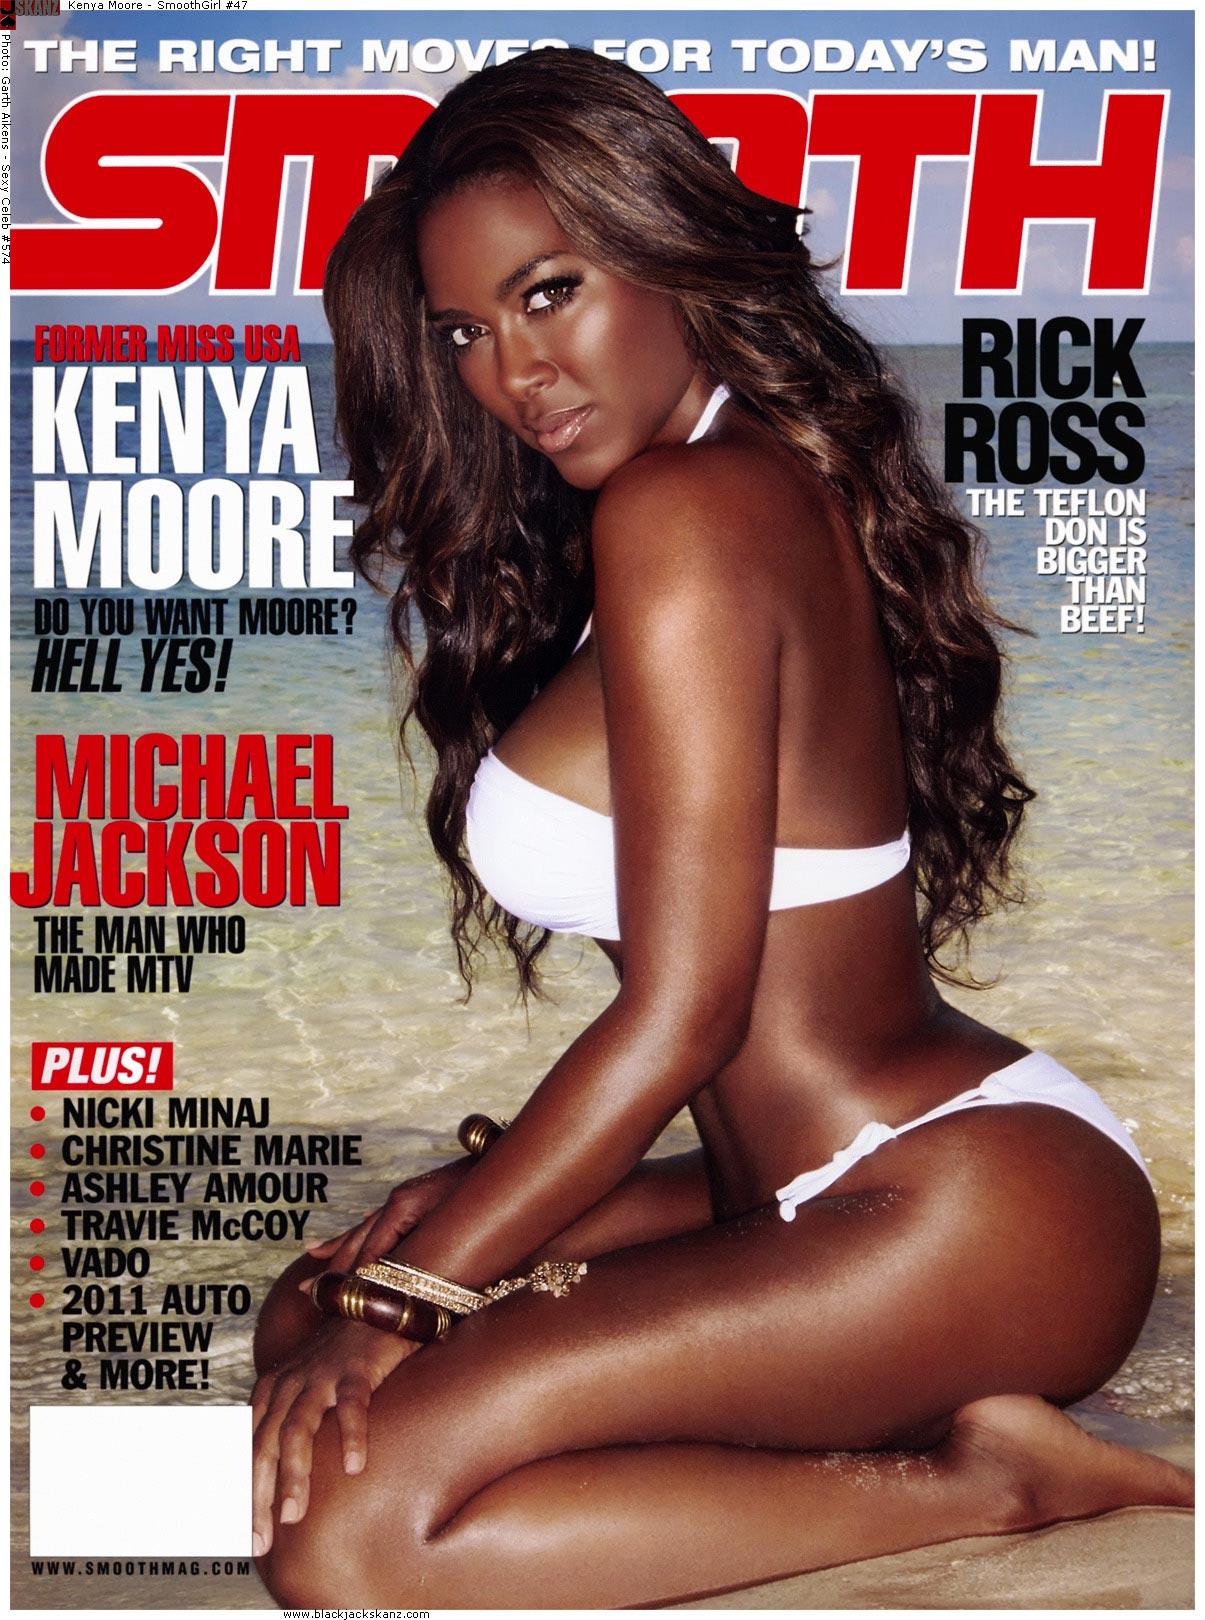 Кенья Мур голая (Kenya Moore) - Smooth Magazine 2010